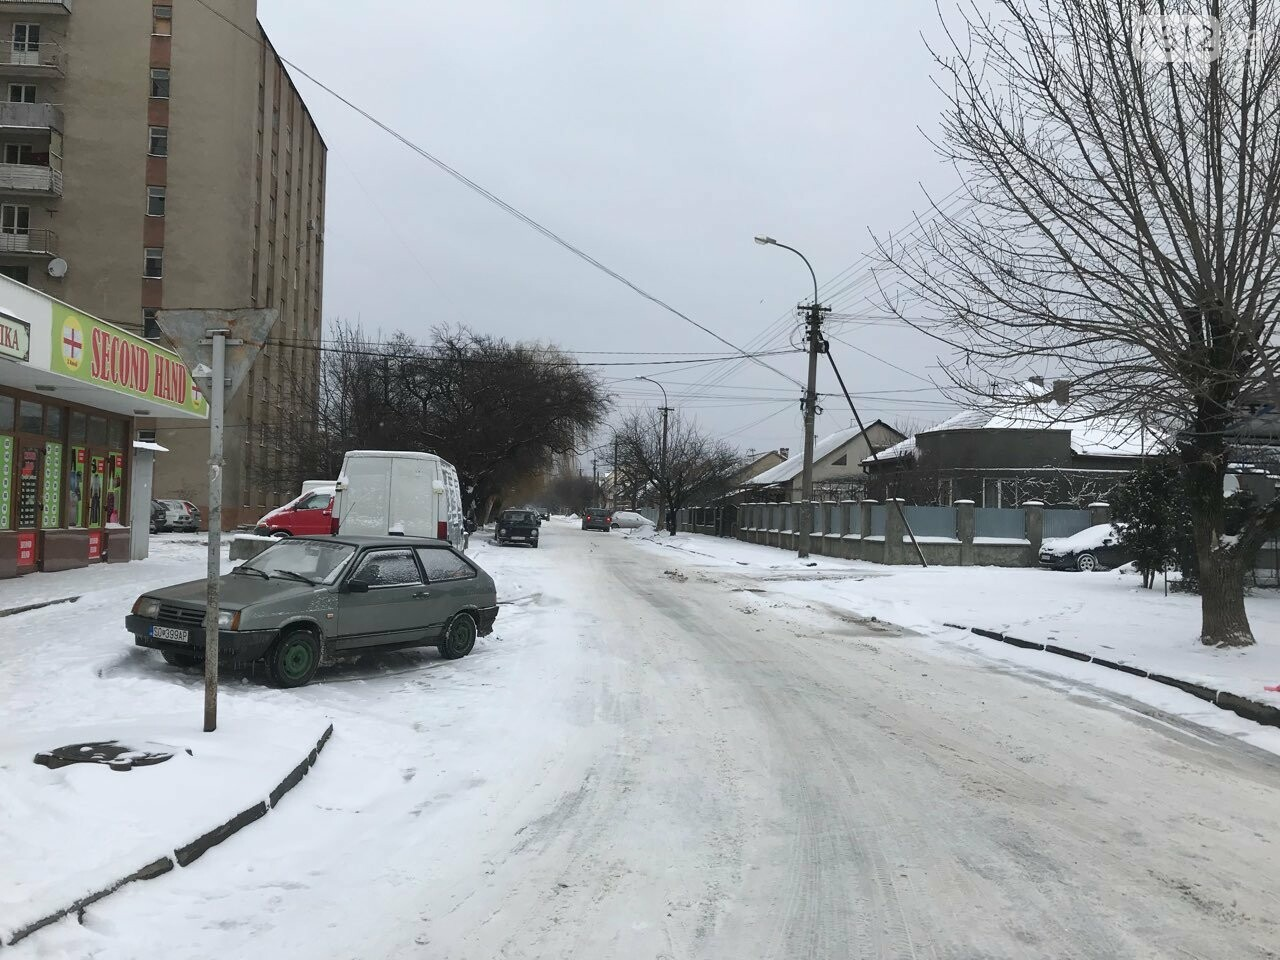 Ужгородські вулиці ще нерозчищені повністю, хоча спецтехніка активно працює (ФОТО), фото-7